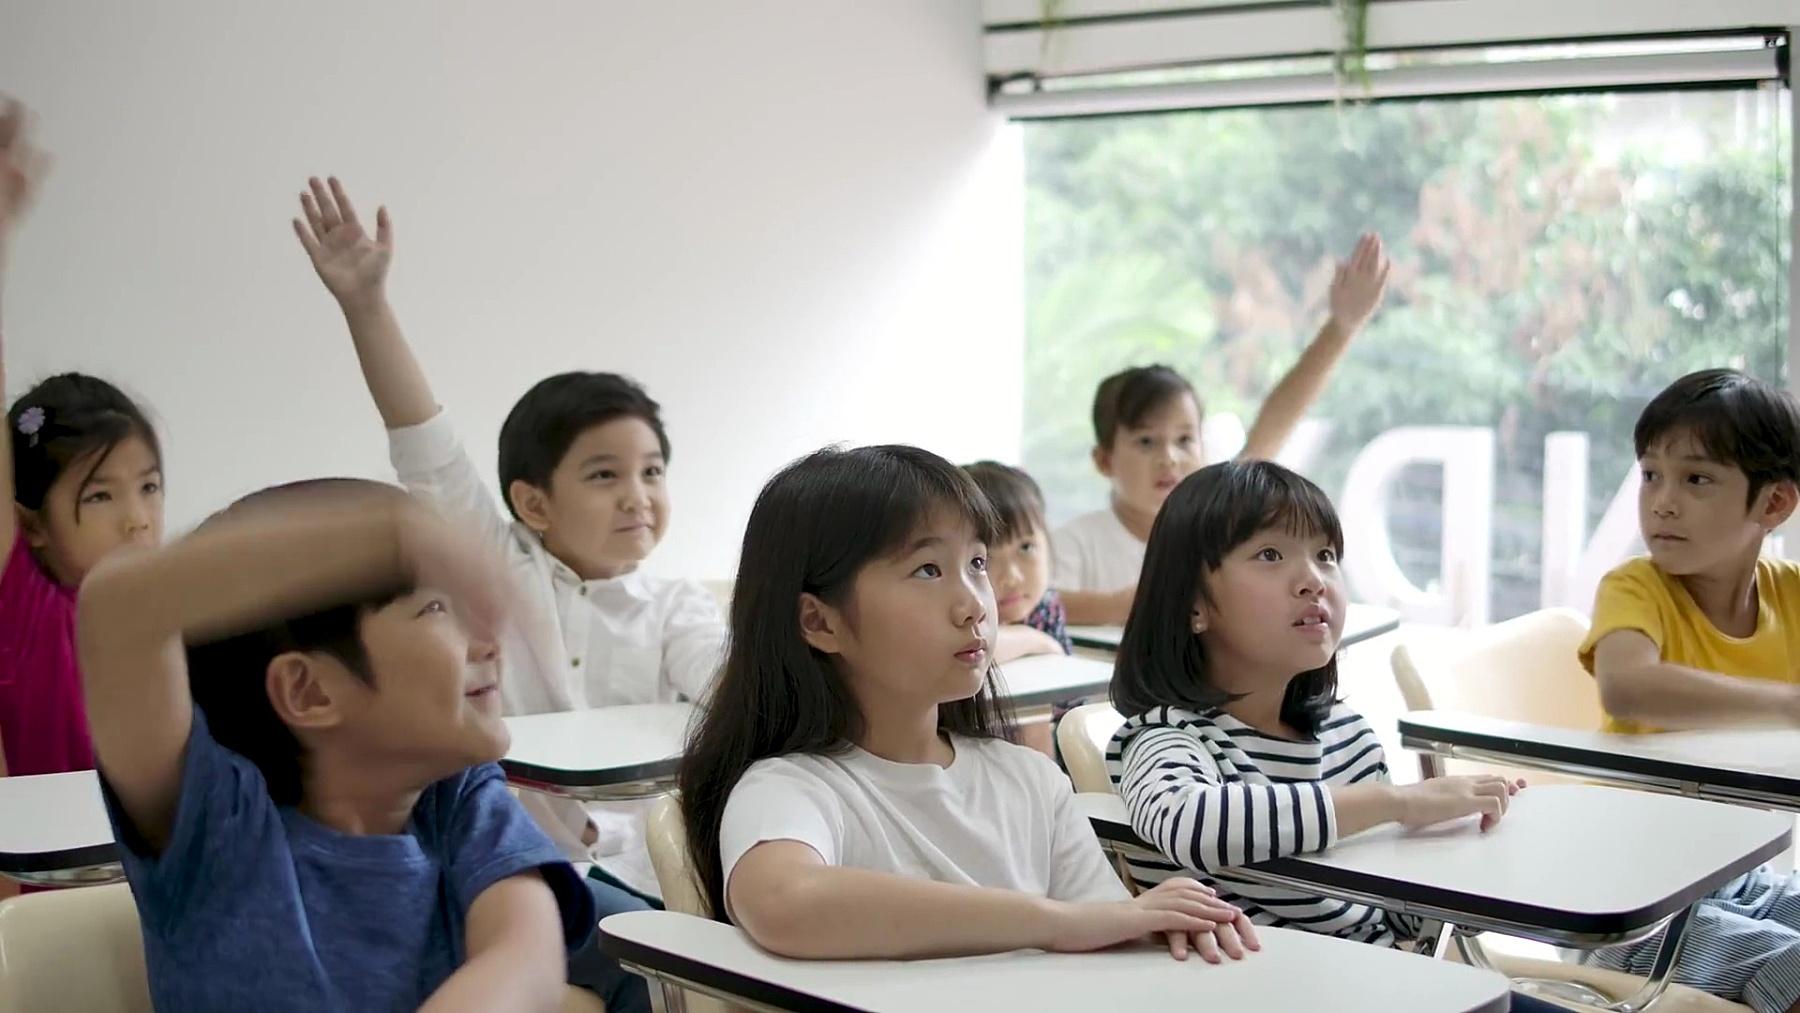 一群快乐的亚洲小学生在课堂上举起手臂回答老师的问题。幼儿园学前概念。